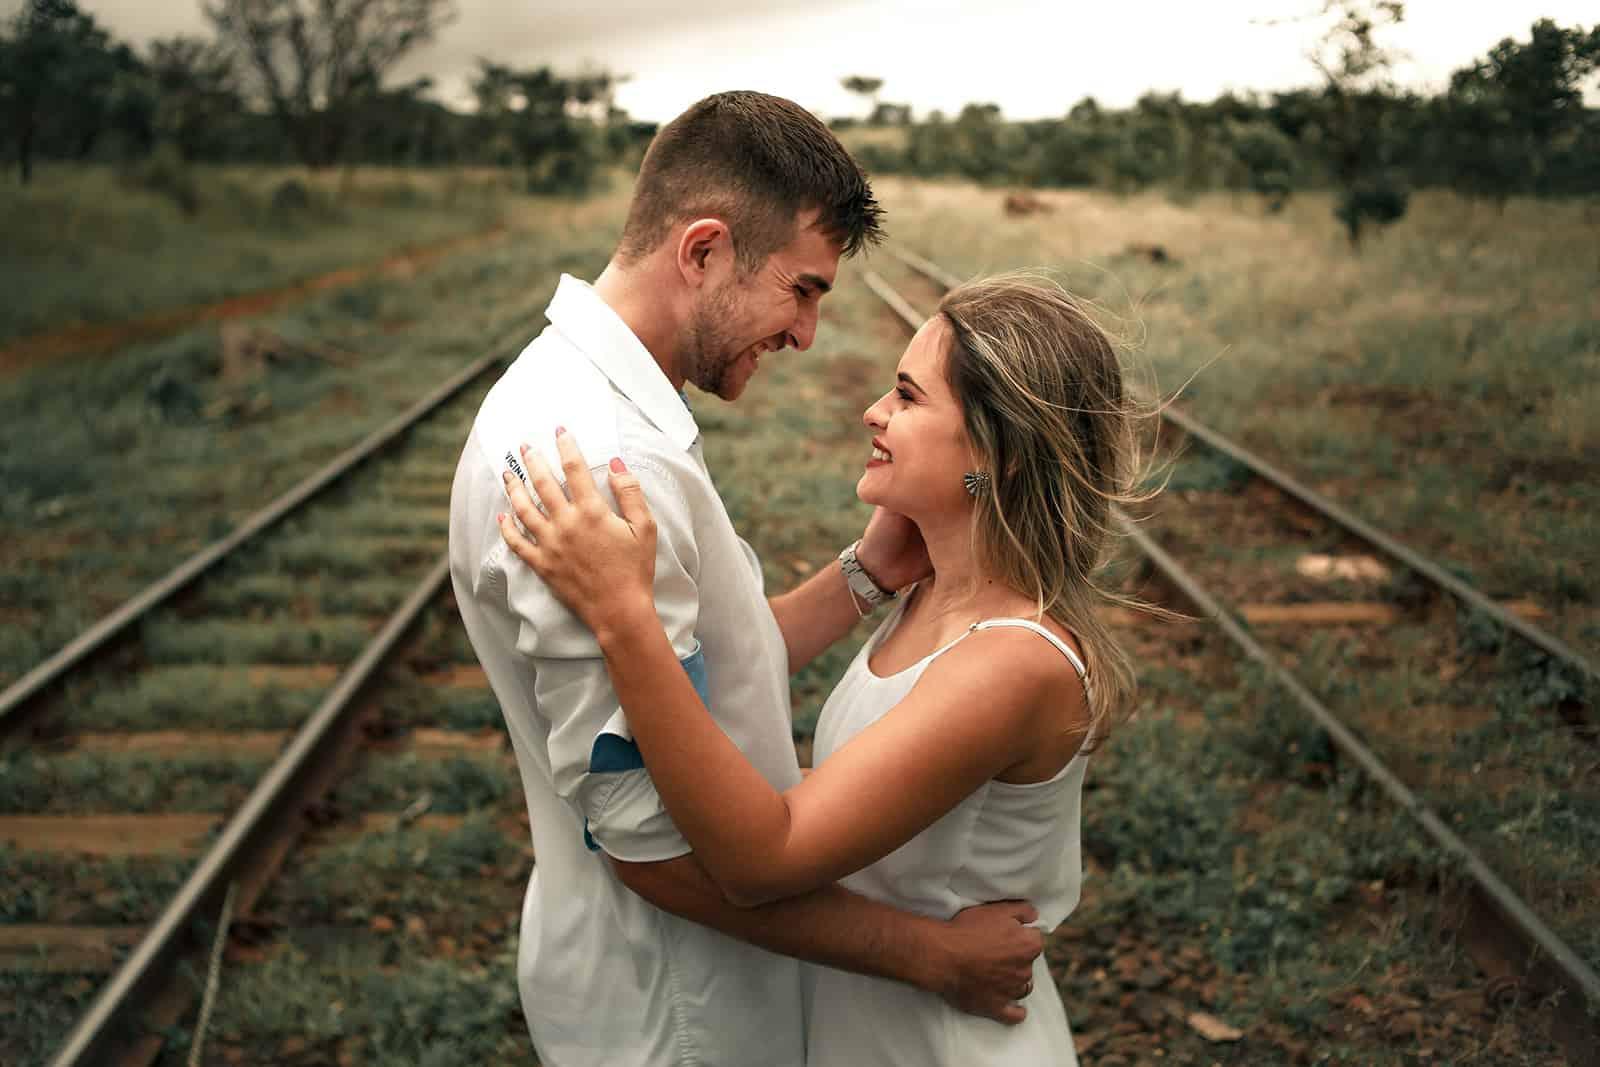 lächelndes Paar umarmt und einander gegenüber stehend auf der Schiene